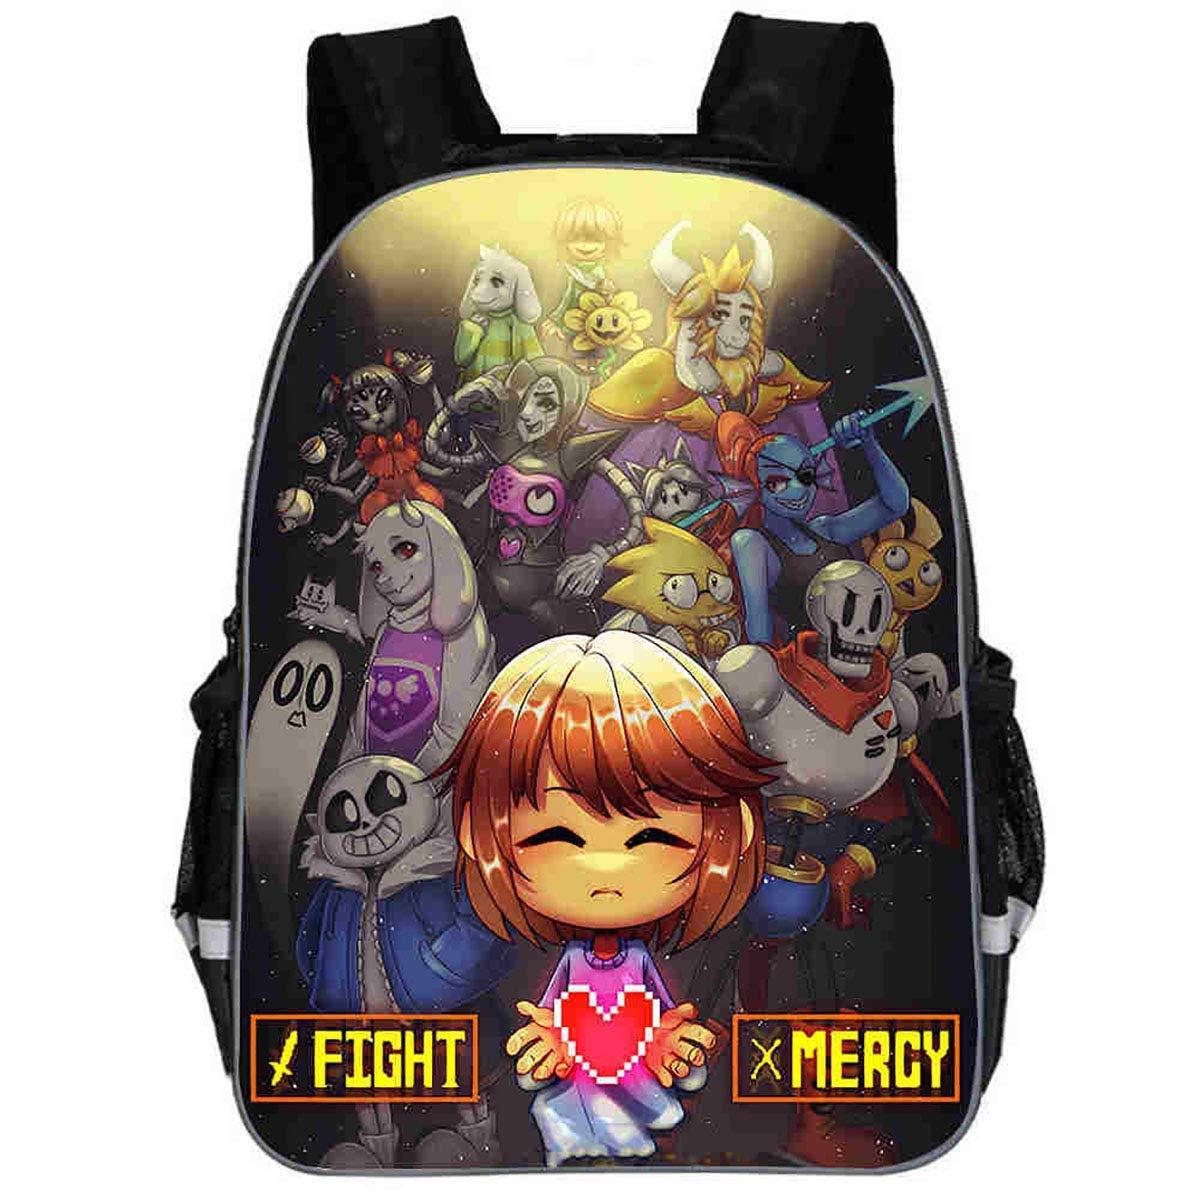 Quattro. 30x10x24CM PERSONAL ACCESSORIES Zaino stampato moda autotoon Stampa borsa Gioco Character Borsa per bambini della scuola primaria alunno Sei.   40x17x29CM